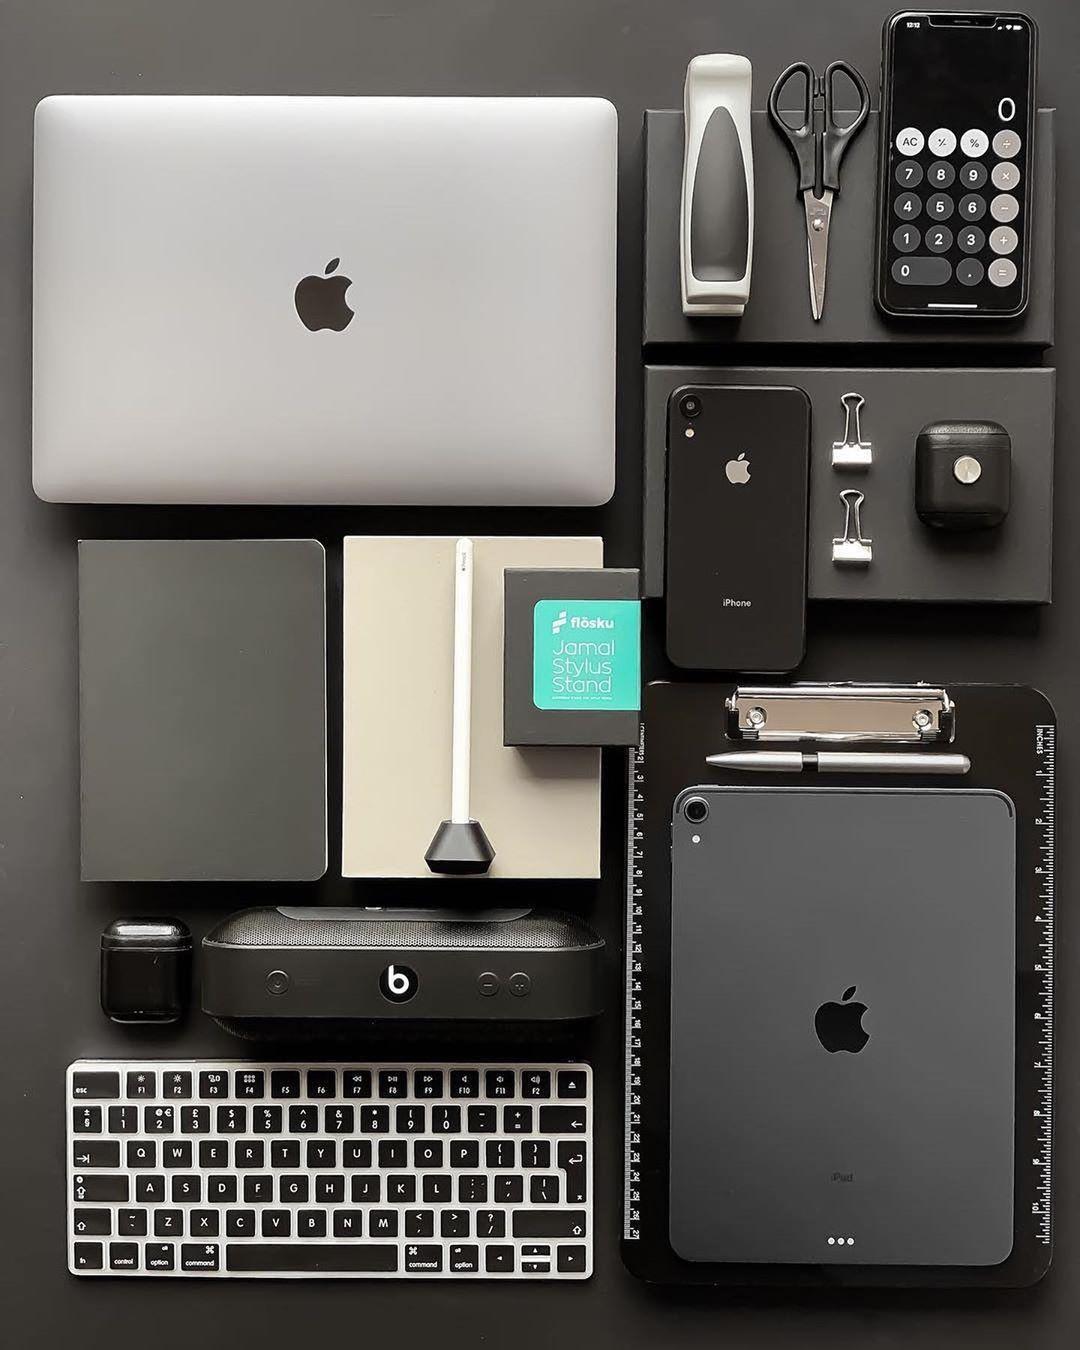 все продукты эппл фото сняла верхние